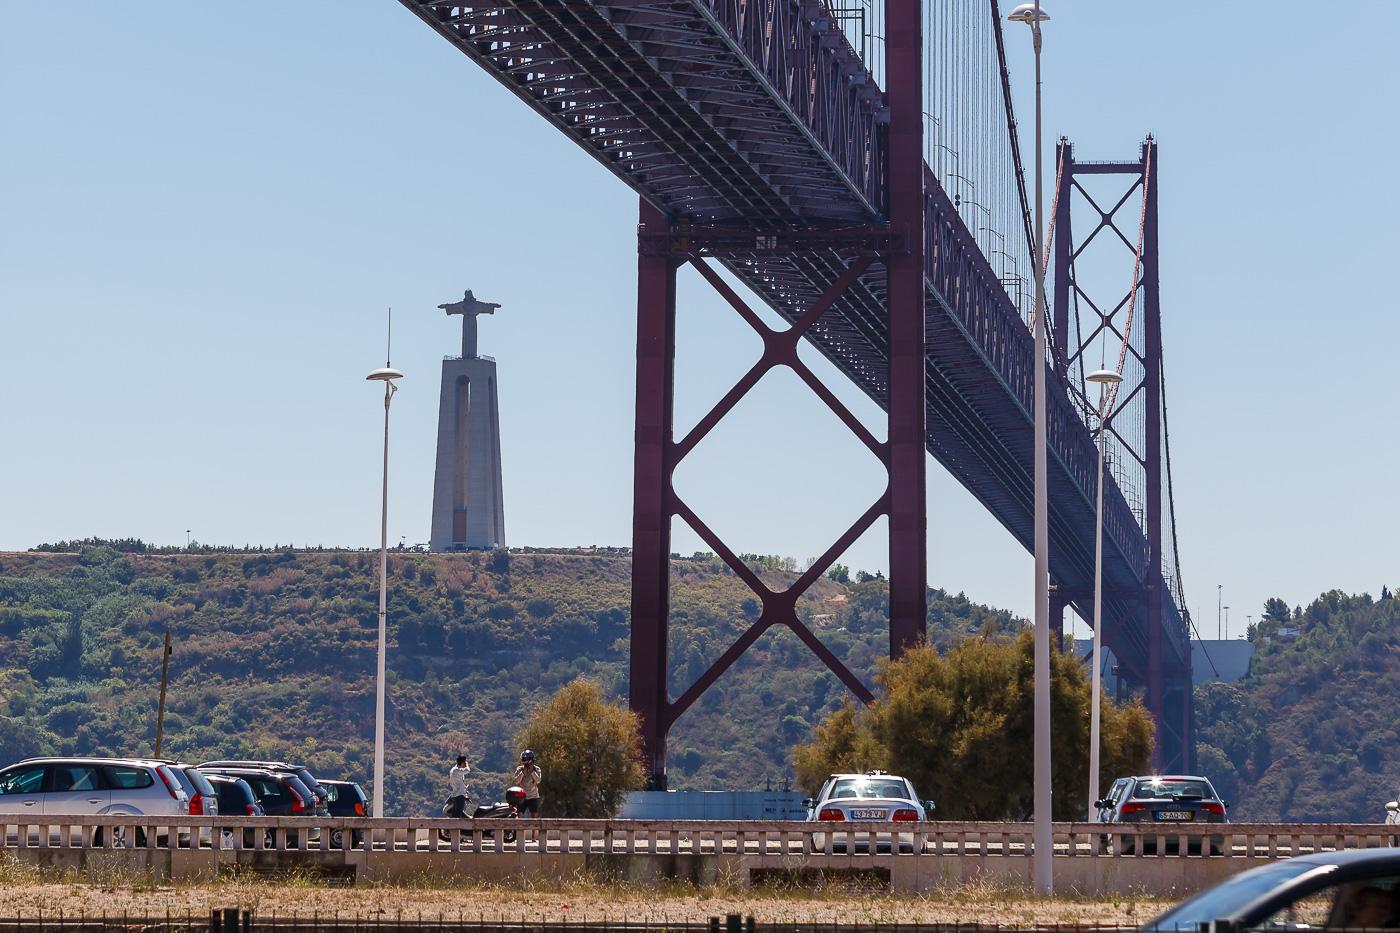 Фото №20. Мост 25 апреля и Иисус Царь в Лиссабоне. Отчет о поездке в Португалию самостоятельно. Камера Canon EOS 6D, объектив Canon EF 70-200, 1/400, 0.9, 100, 116.